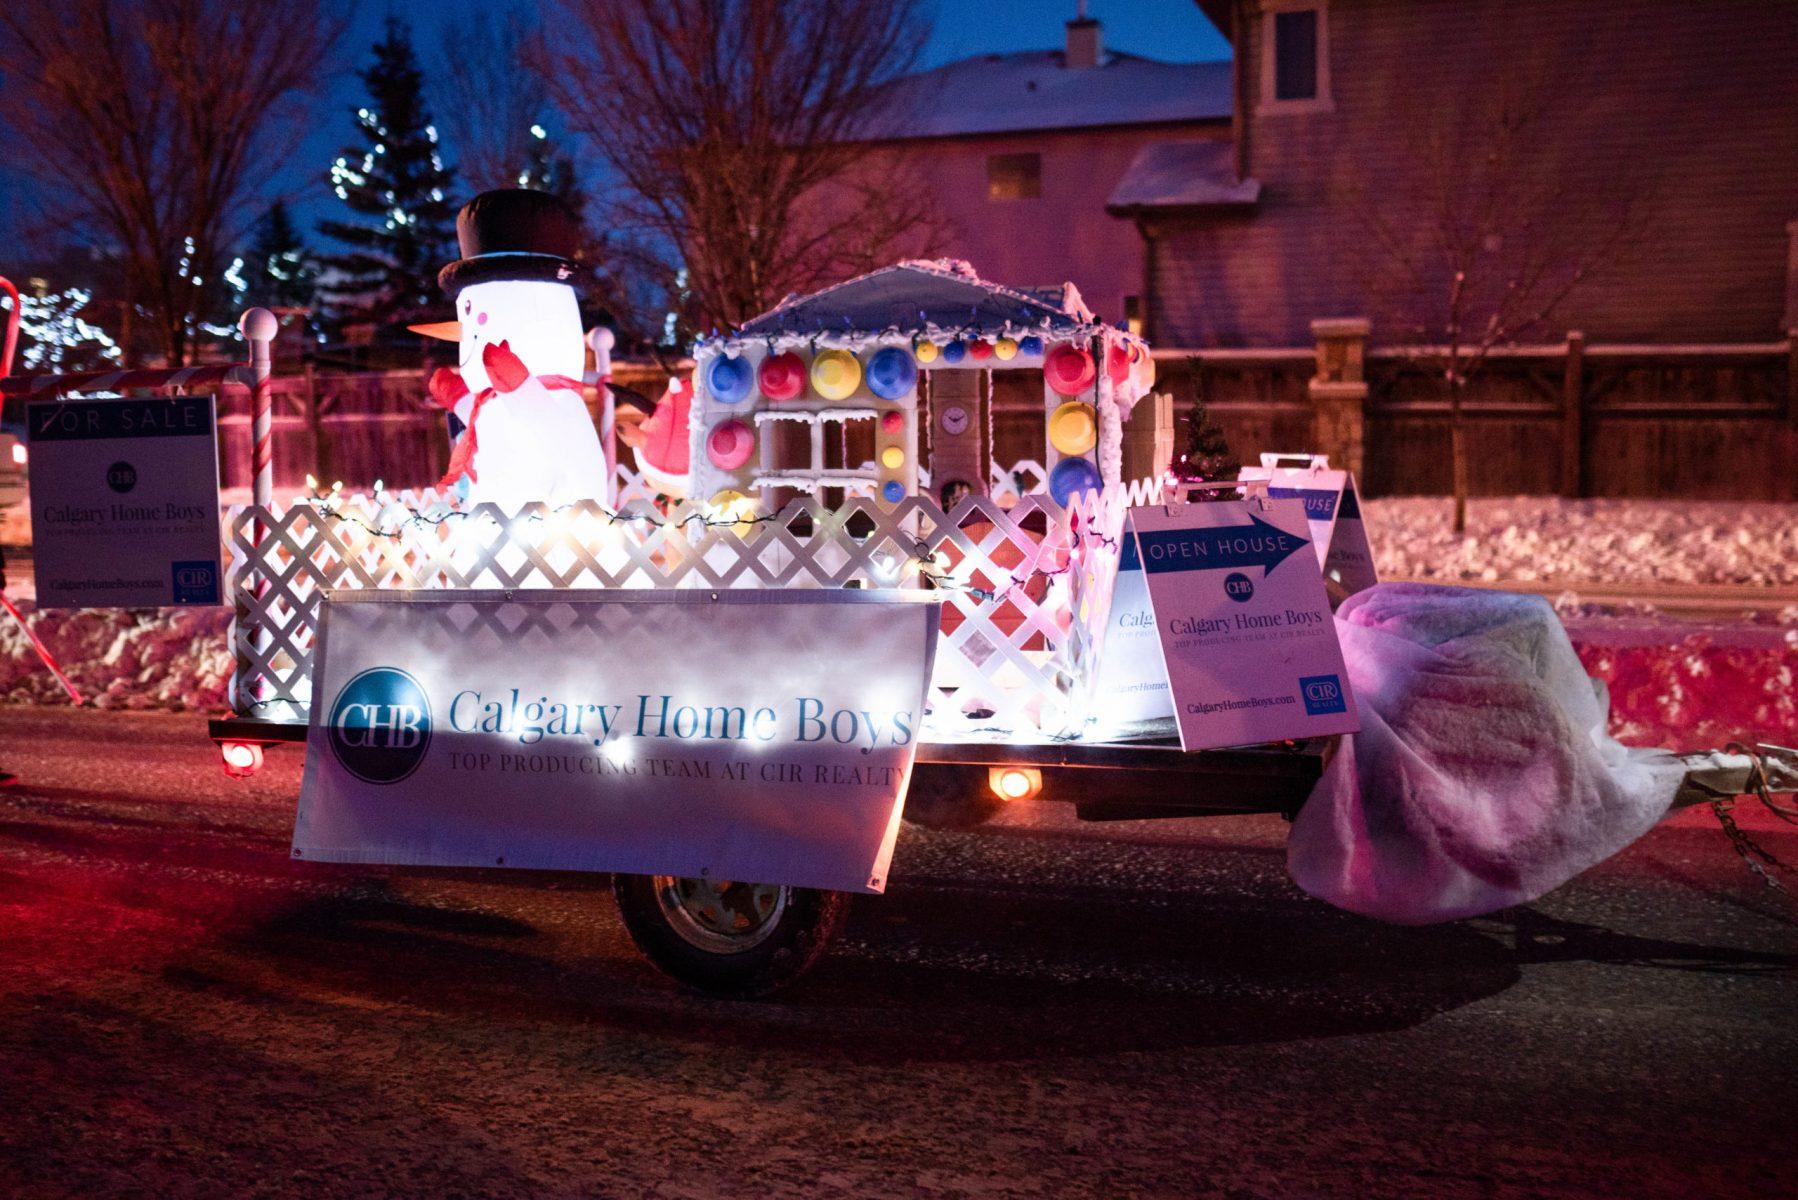 Auburn-Bay-Christmas-Parade-2019-89-scaled